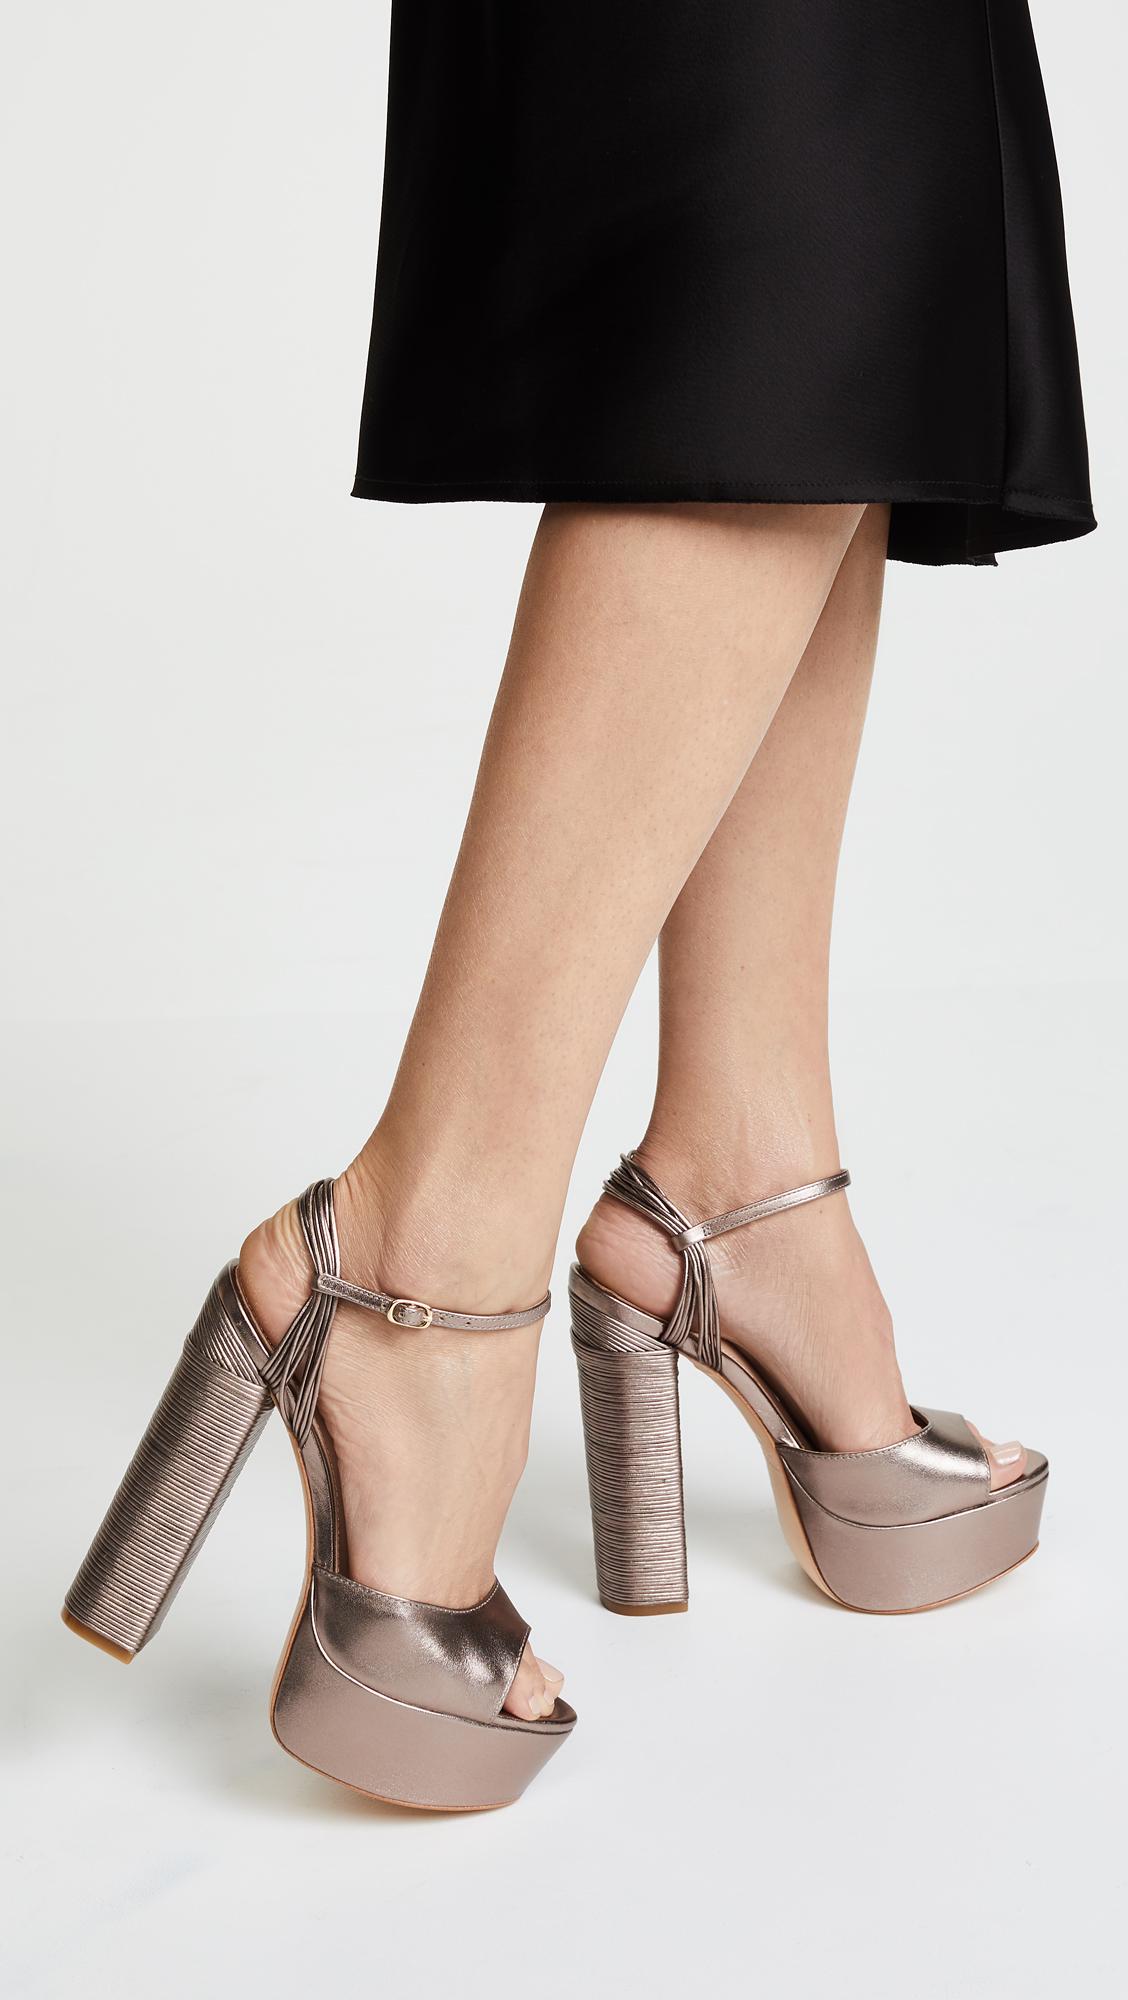 59123dc9180 Rachel Zoe Willow Platform Sandals